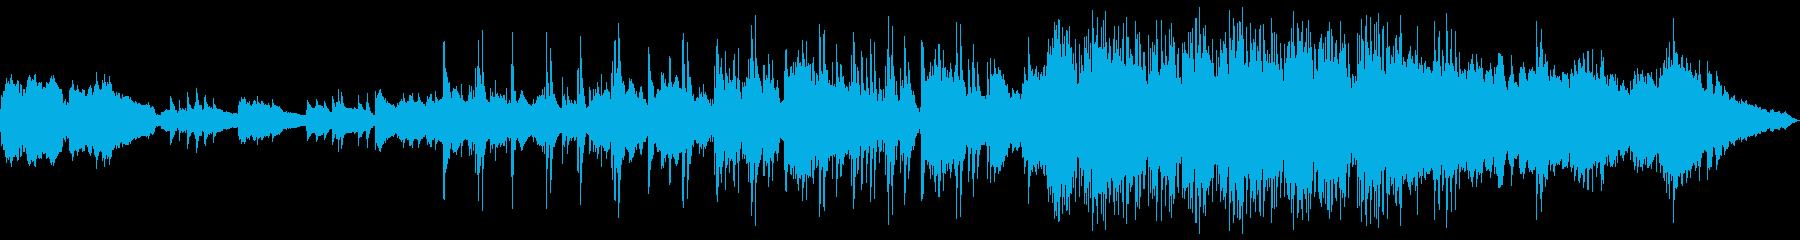 中国・オーケストラ・瞑想・和の登場シーンの再生済みの波形